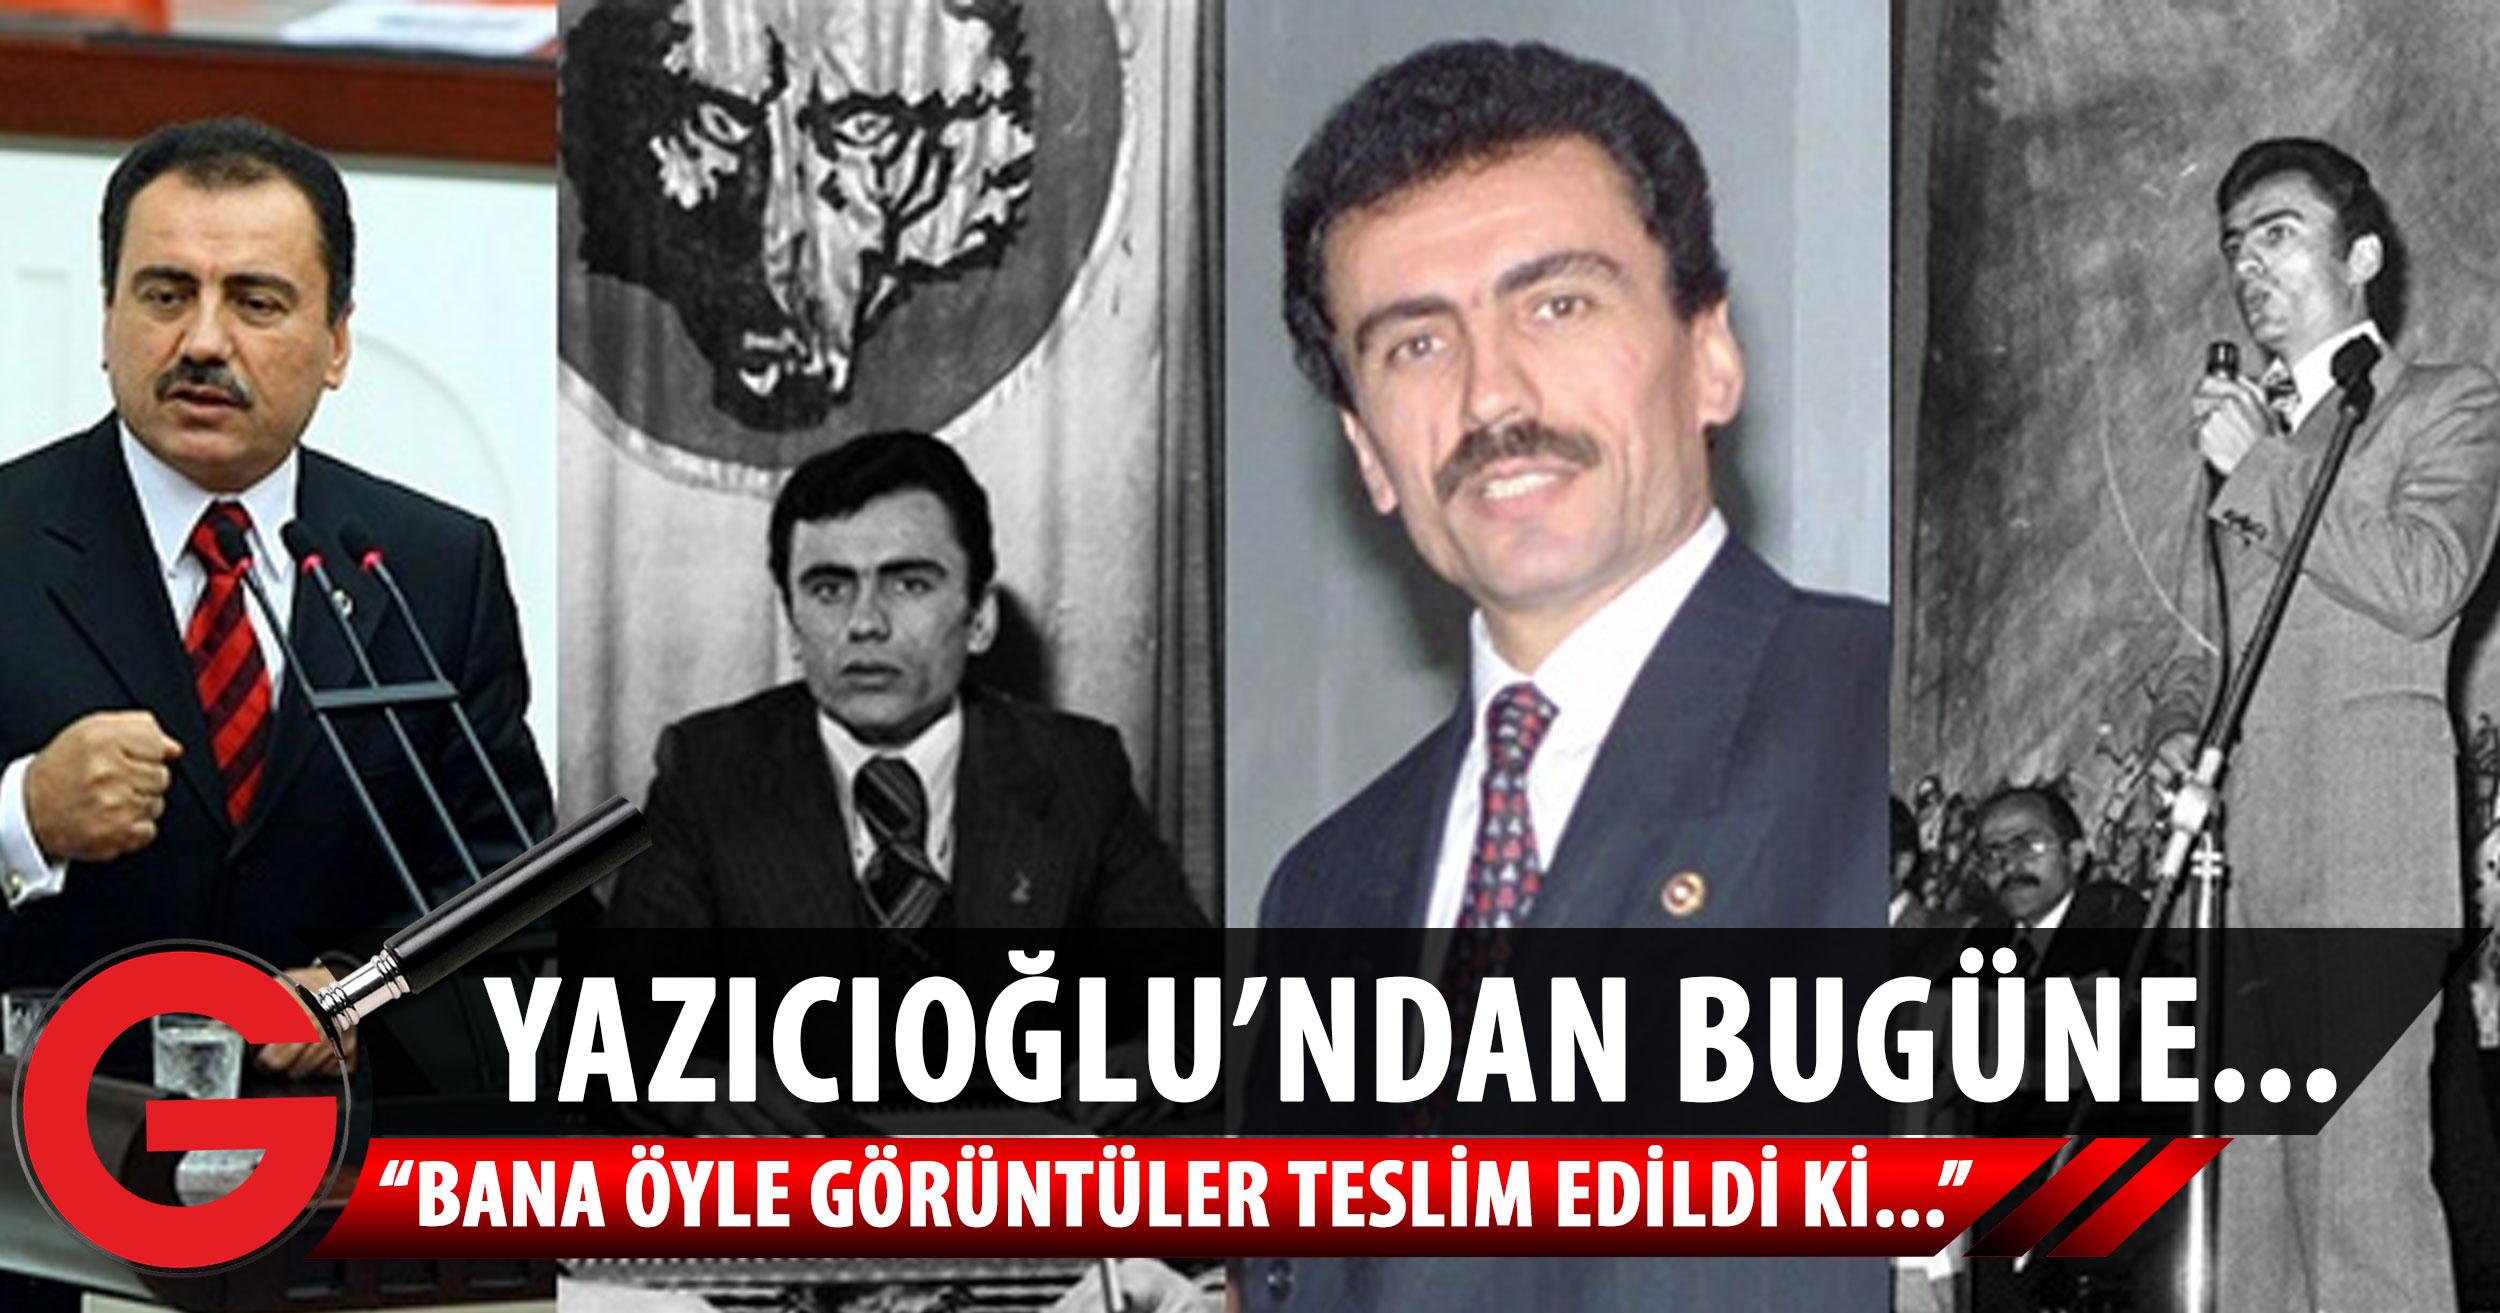 Gazeteci Barış Pehlivan: Yazıcıoğlu'na da teslim edilen bir çuval kaset varmış